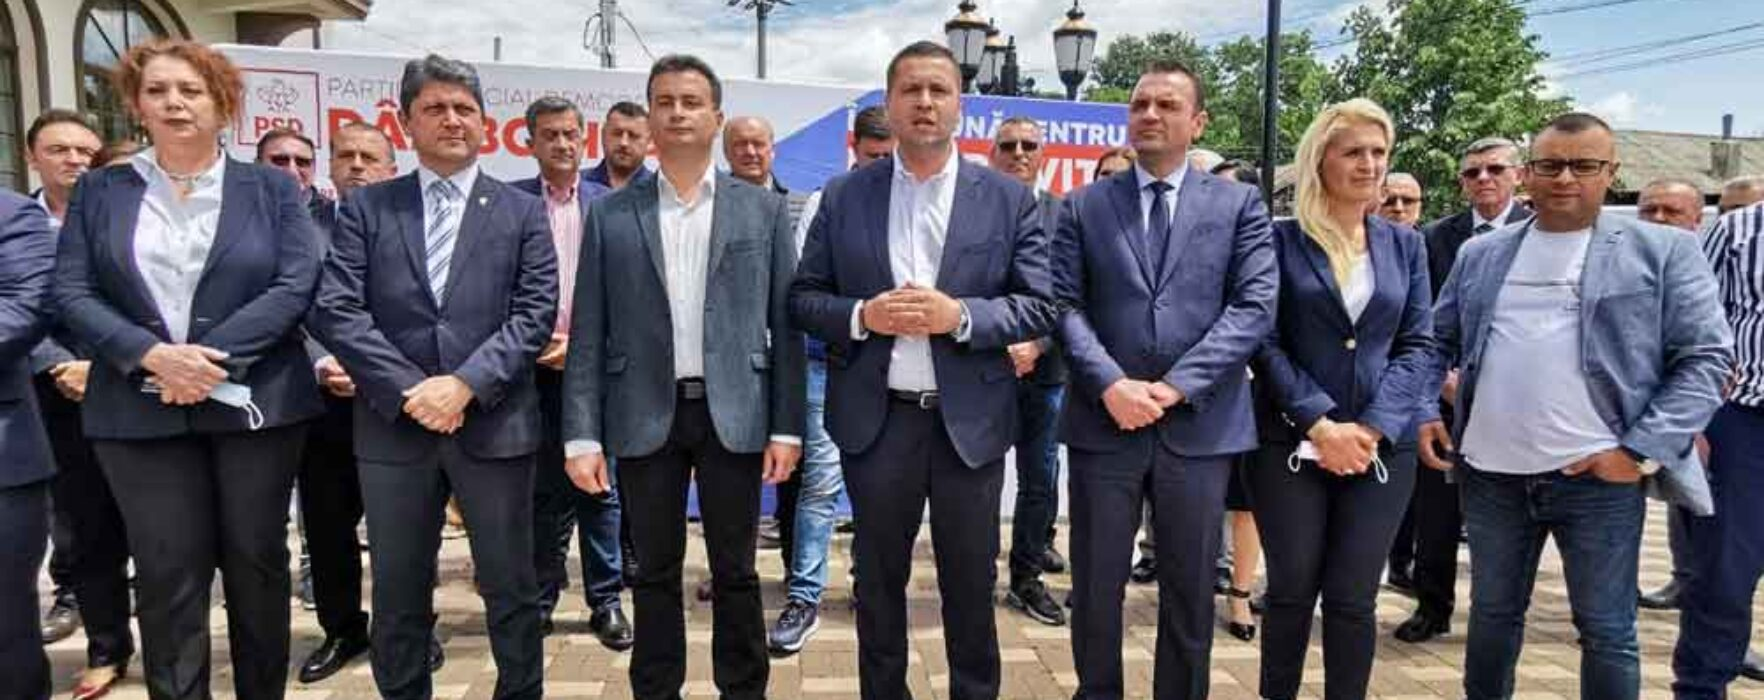 Corneliu Ştefan, PSD: La Braniştea e nevoie de continuitate; Alexandru Ţachianu are susţinerea mea